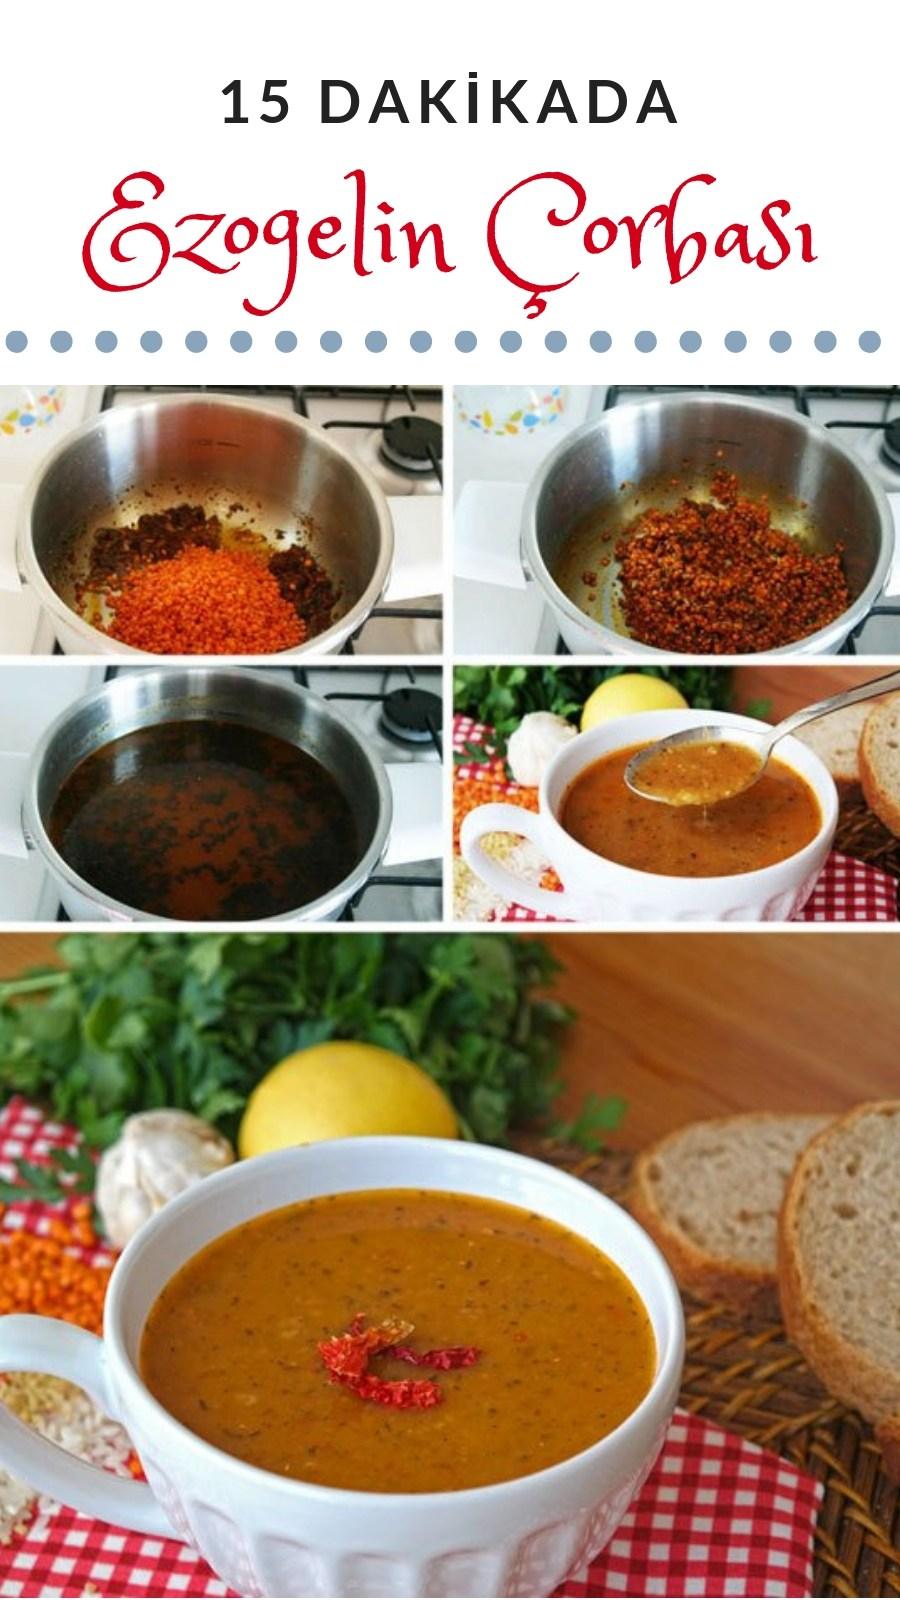 Ezogelin Çorbası Yapılışı (Videolu) 15 dakikada MUHTEŞEM LEZZET! – Nefis Yemek Tarifleri – Çorba Tarifleri